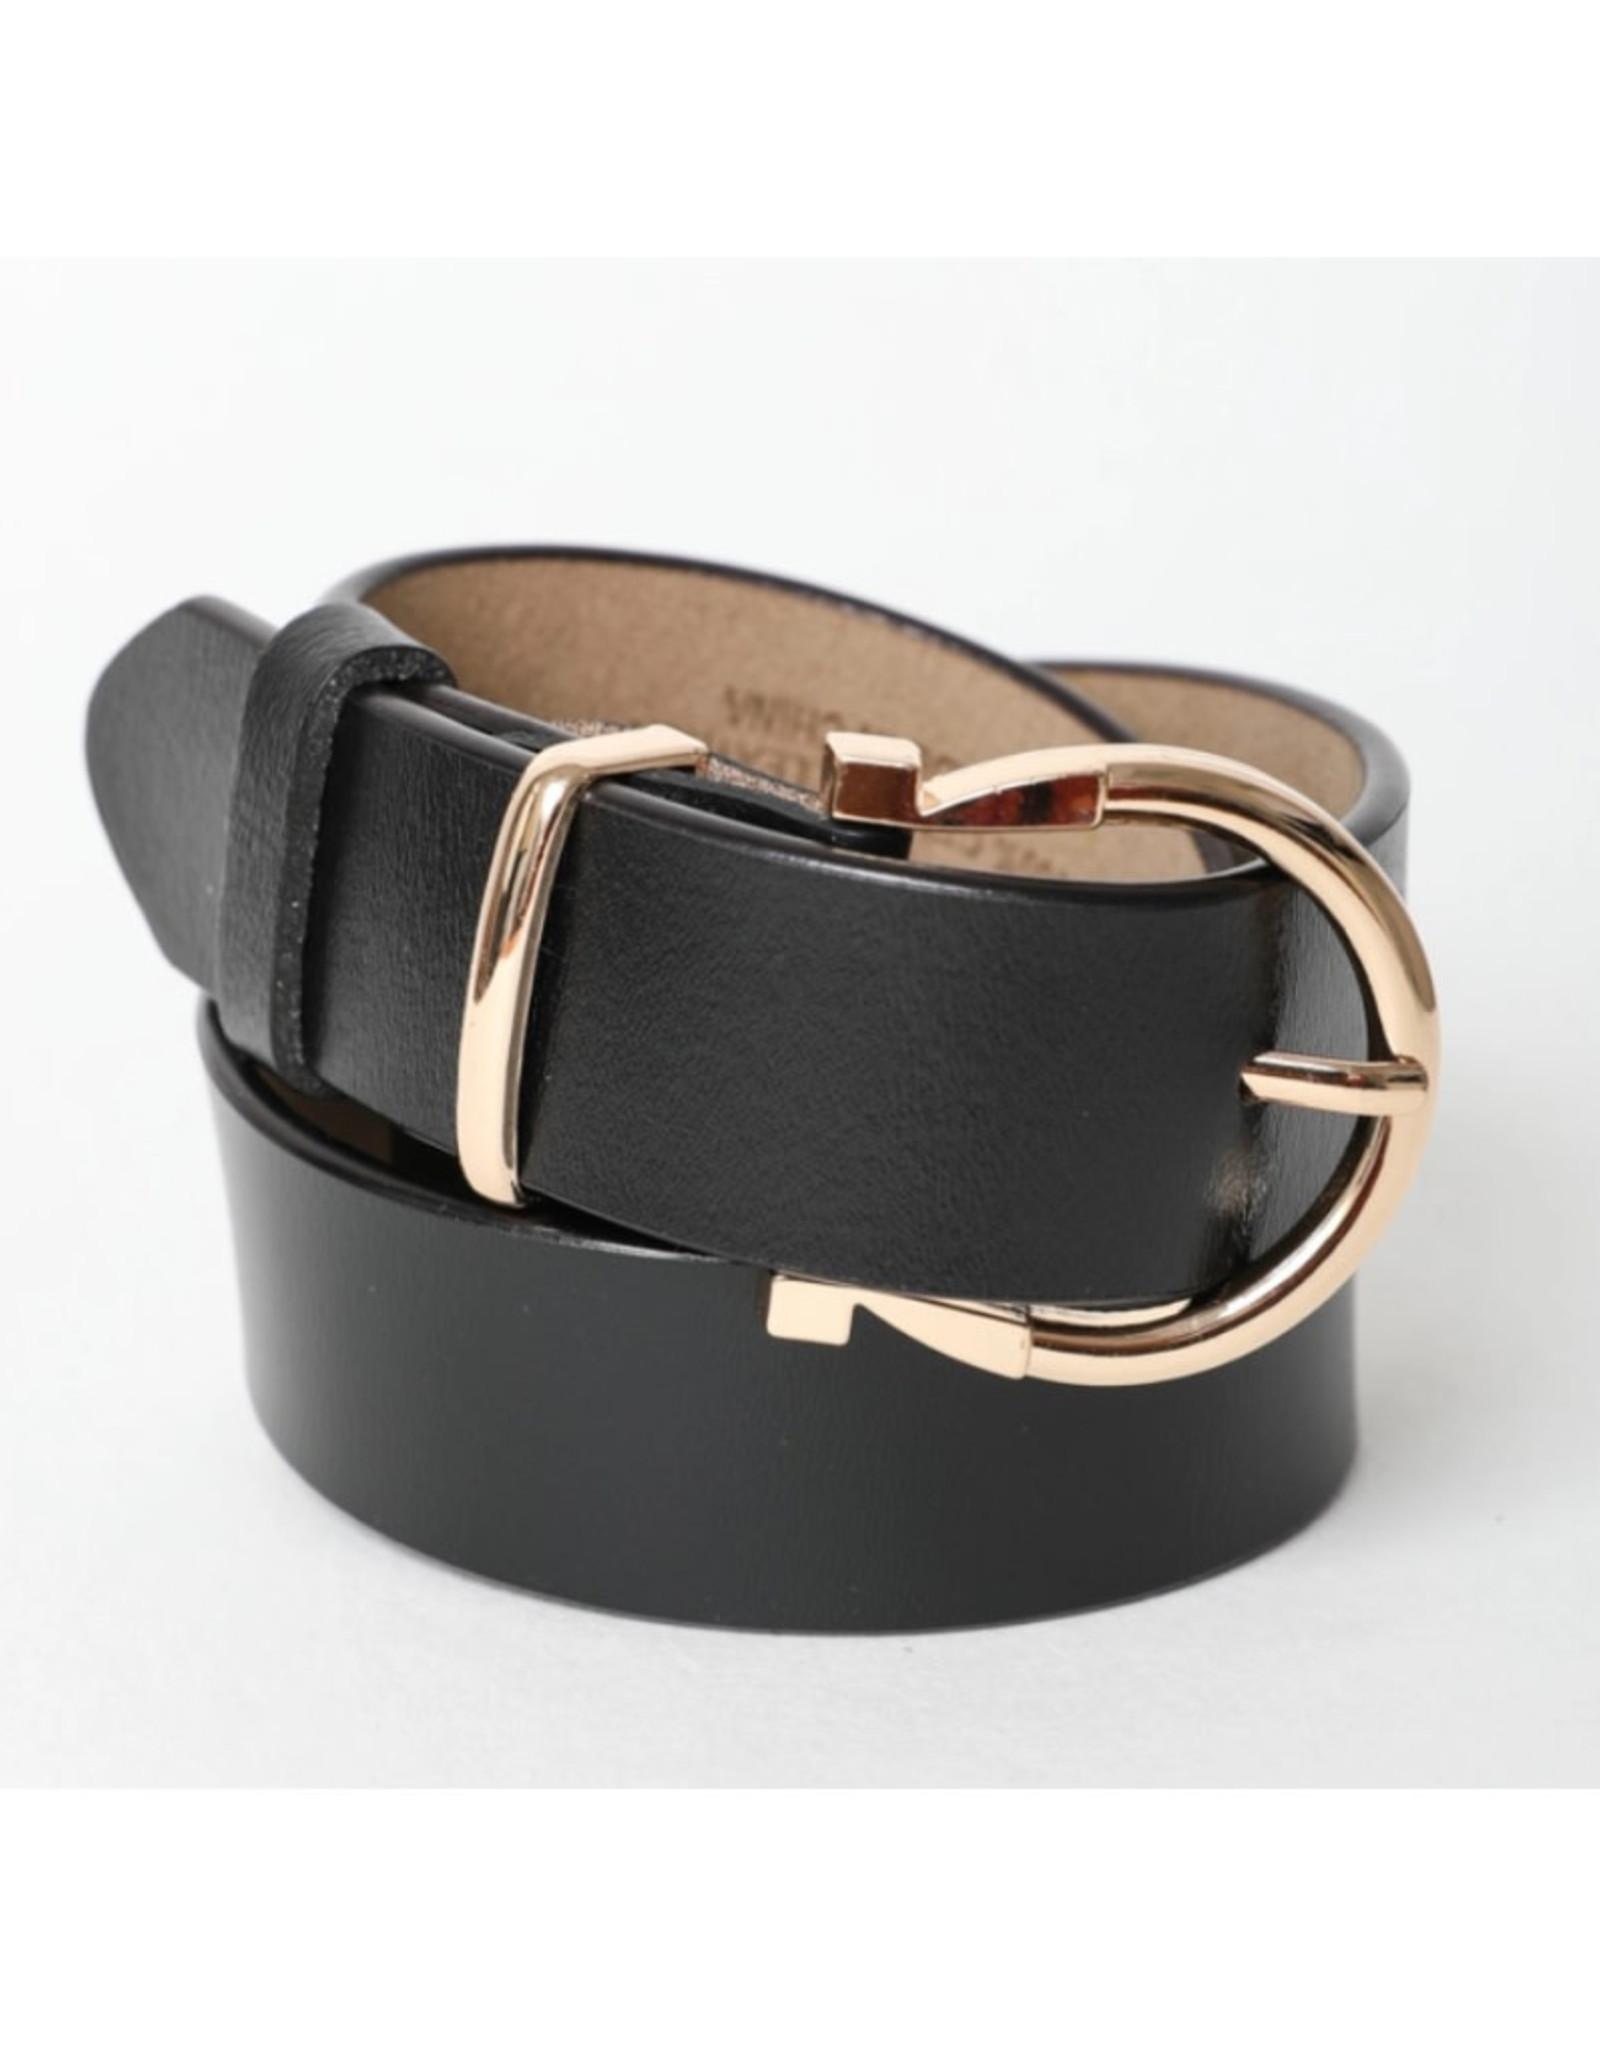 Black Horseshoe Belt with Gold Bucket